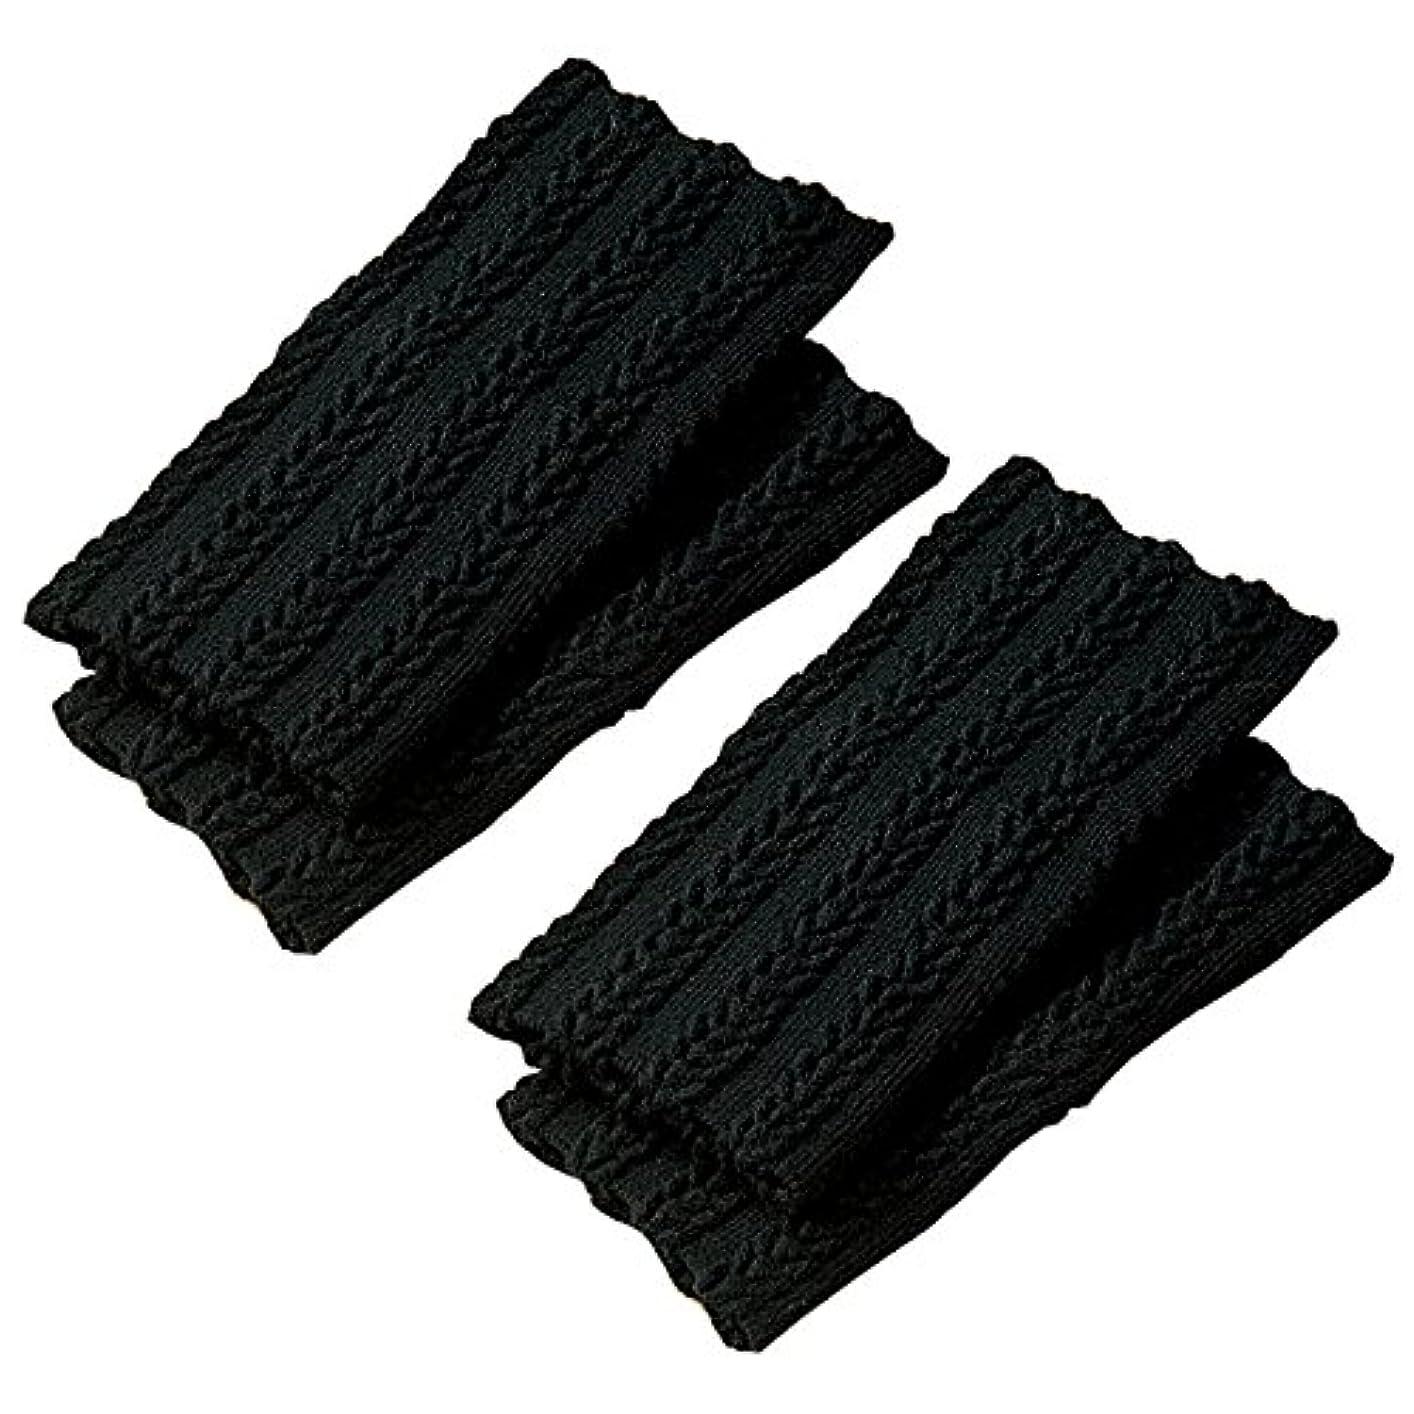 満たすアーサーまろやかなセルヴァン 遠赤シルク足首ウォーマー(セラムA) ブラック 4枚組